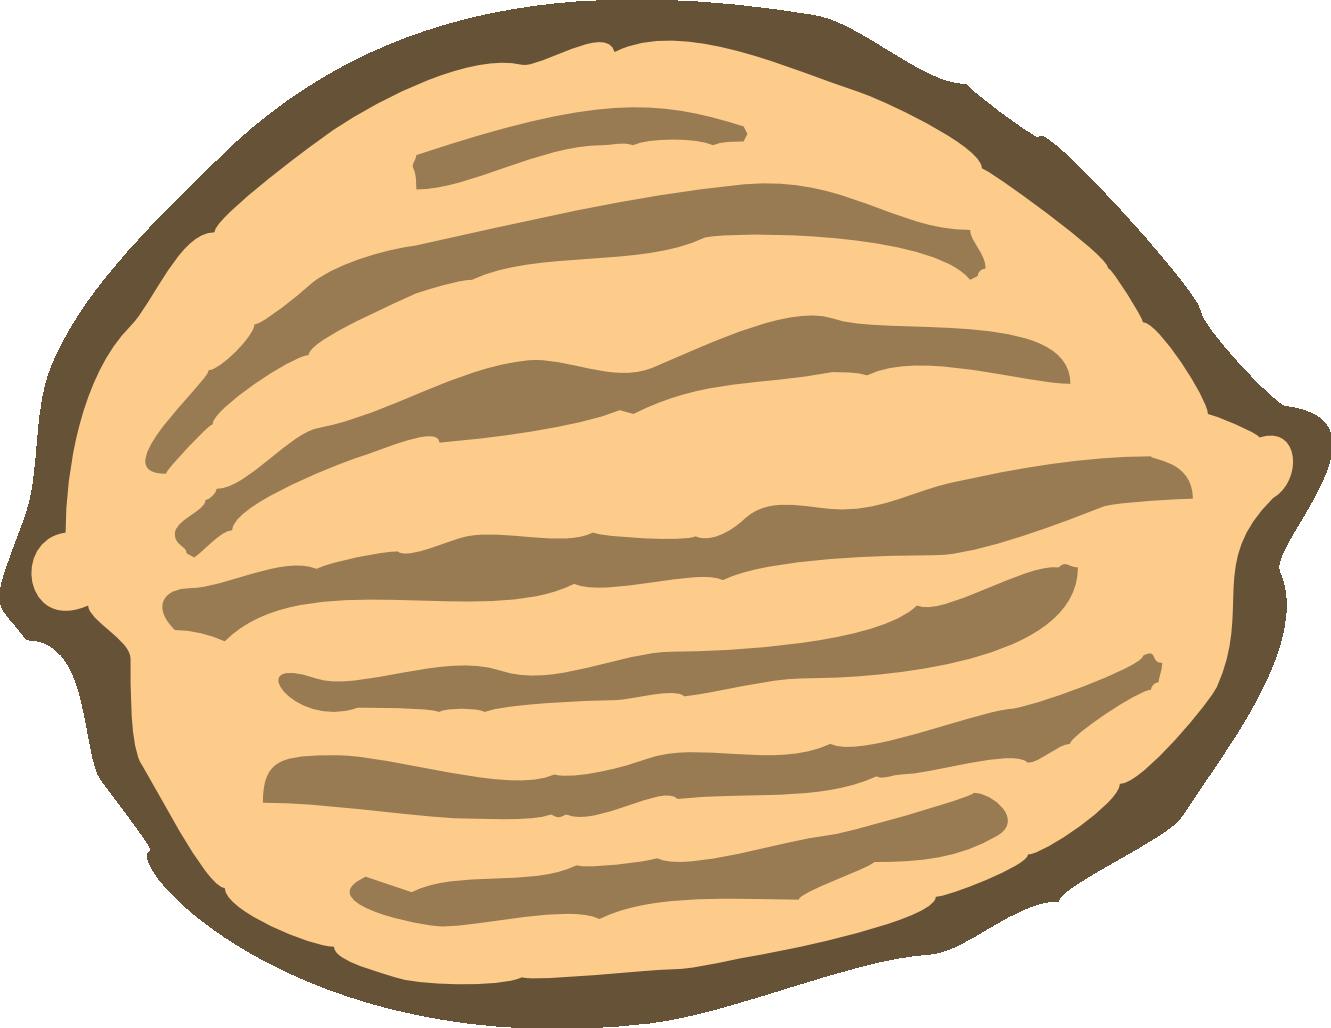 Nut Clip Art